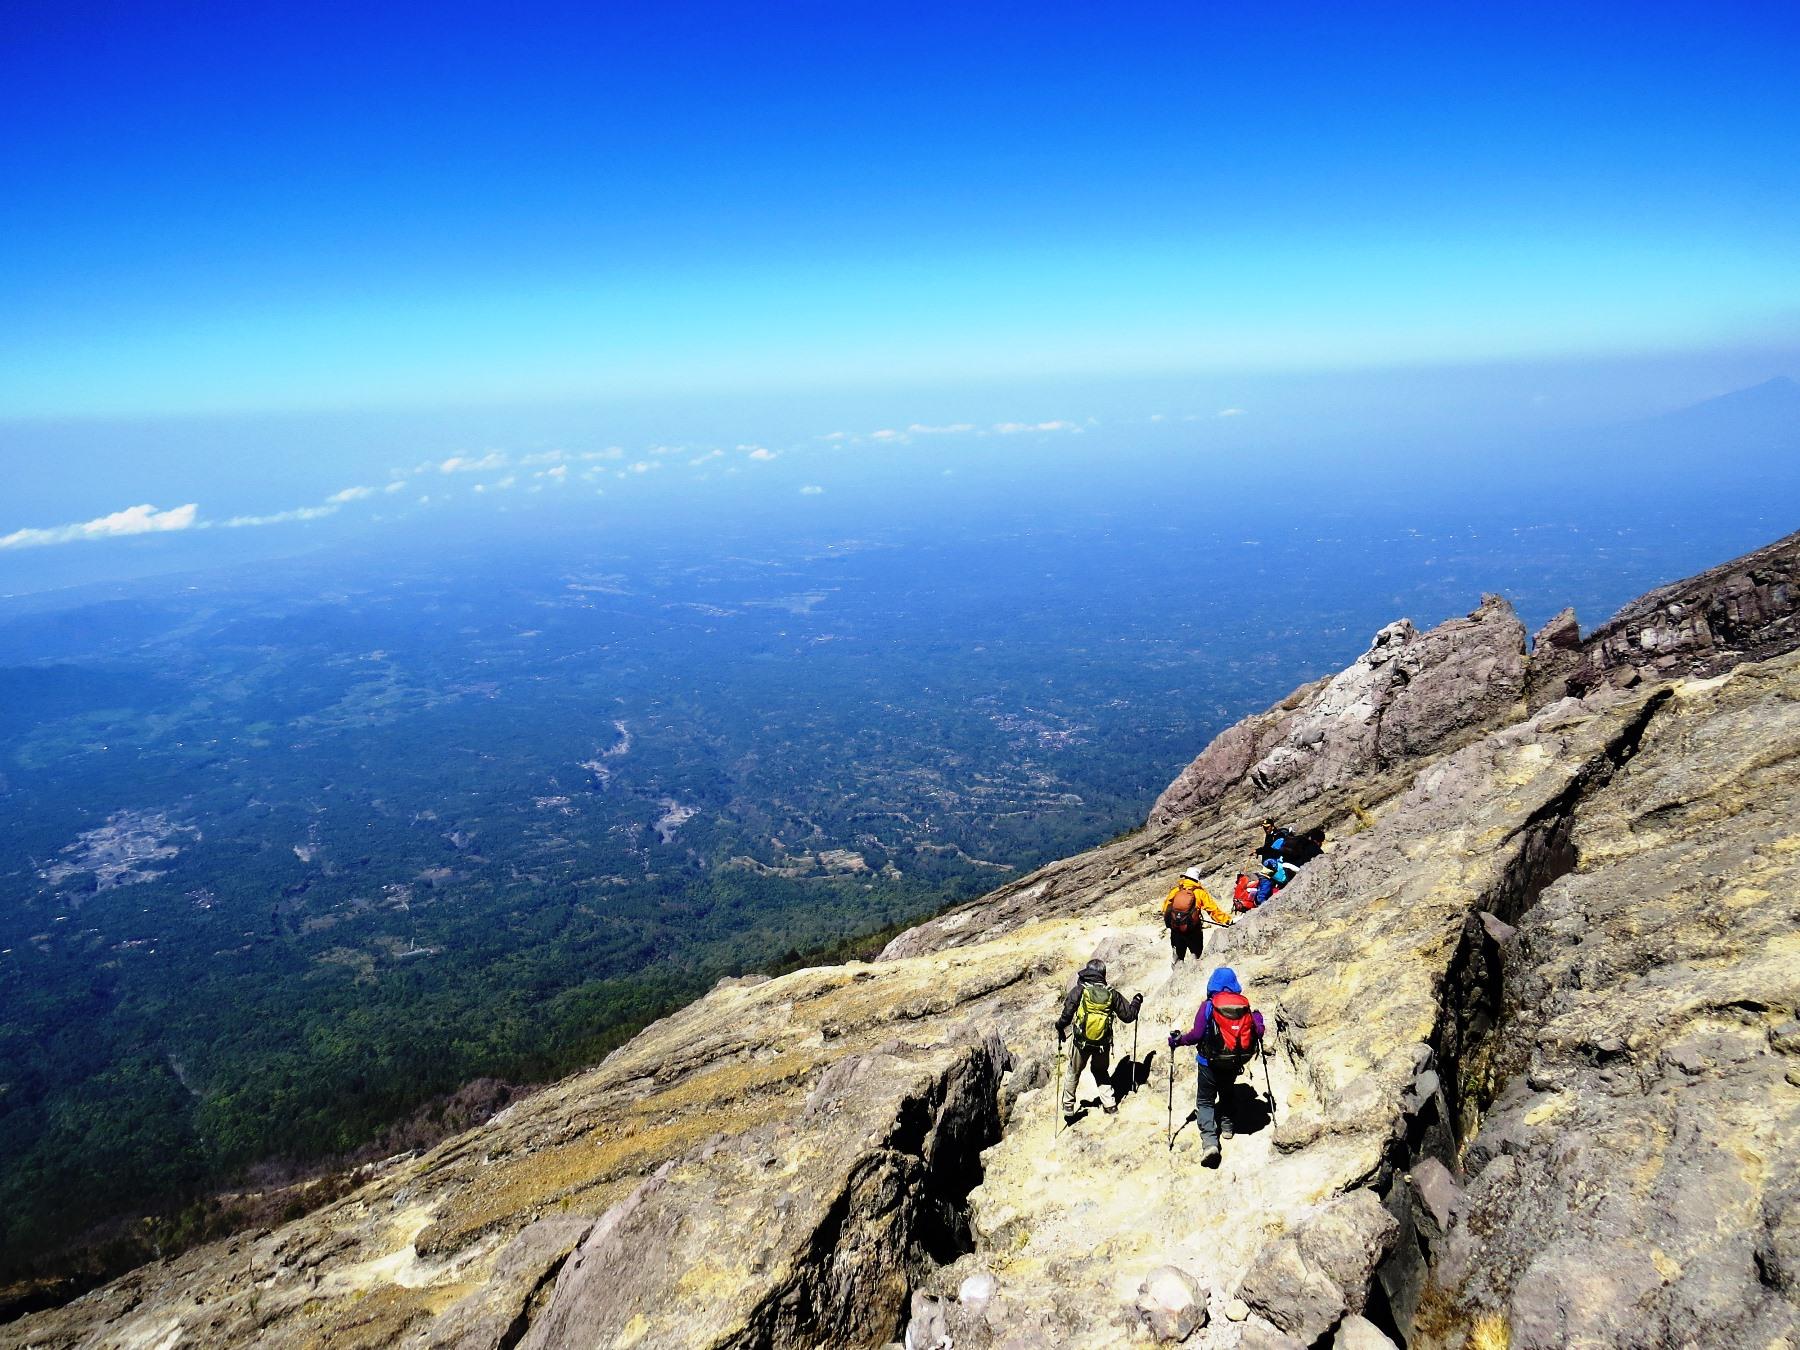 広大な緑の大地を眼下にバリ島最高峰アグン山を行く